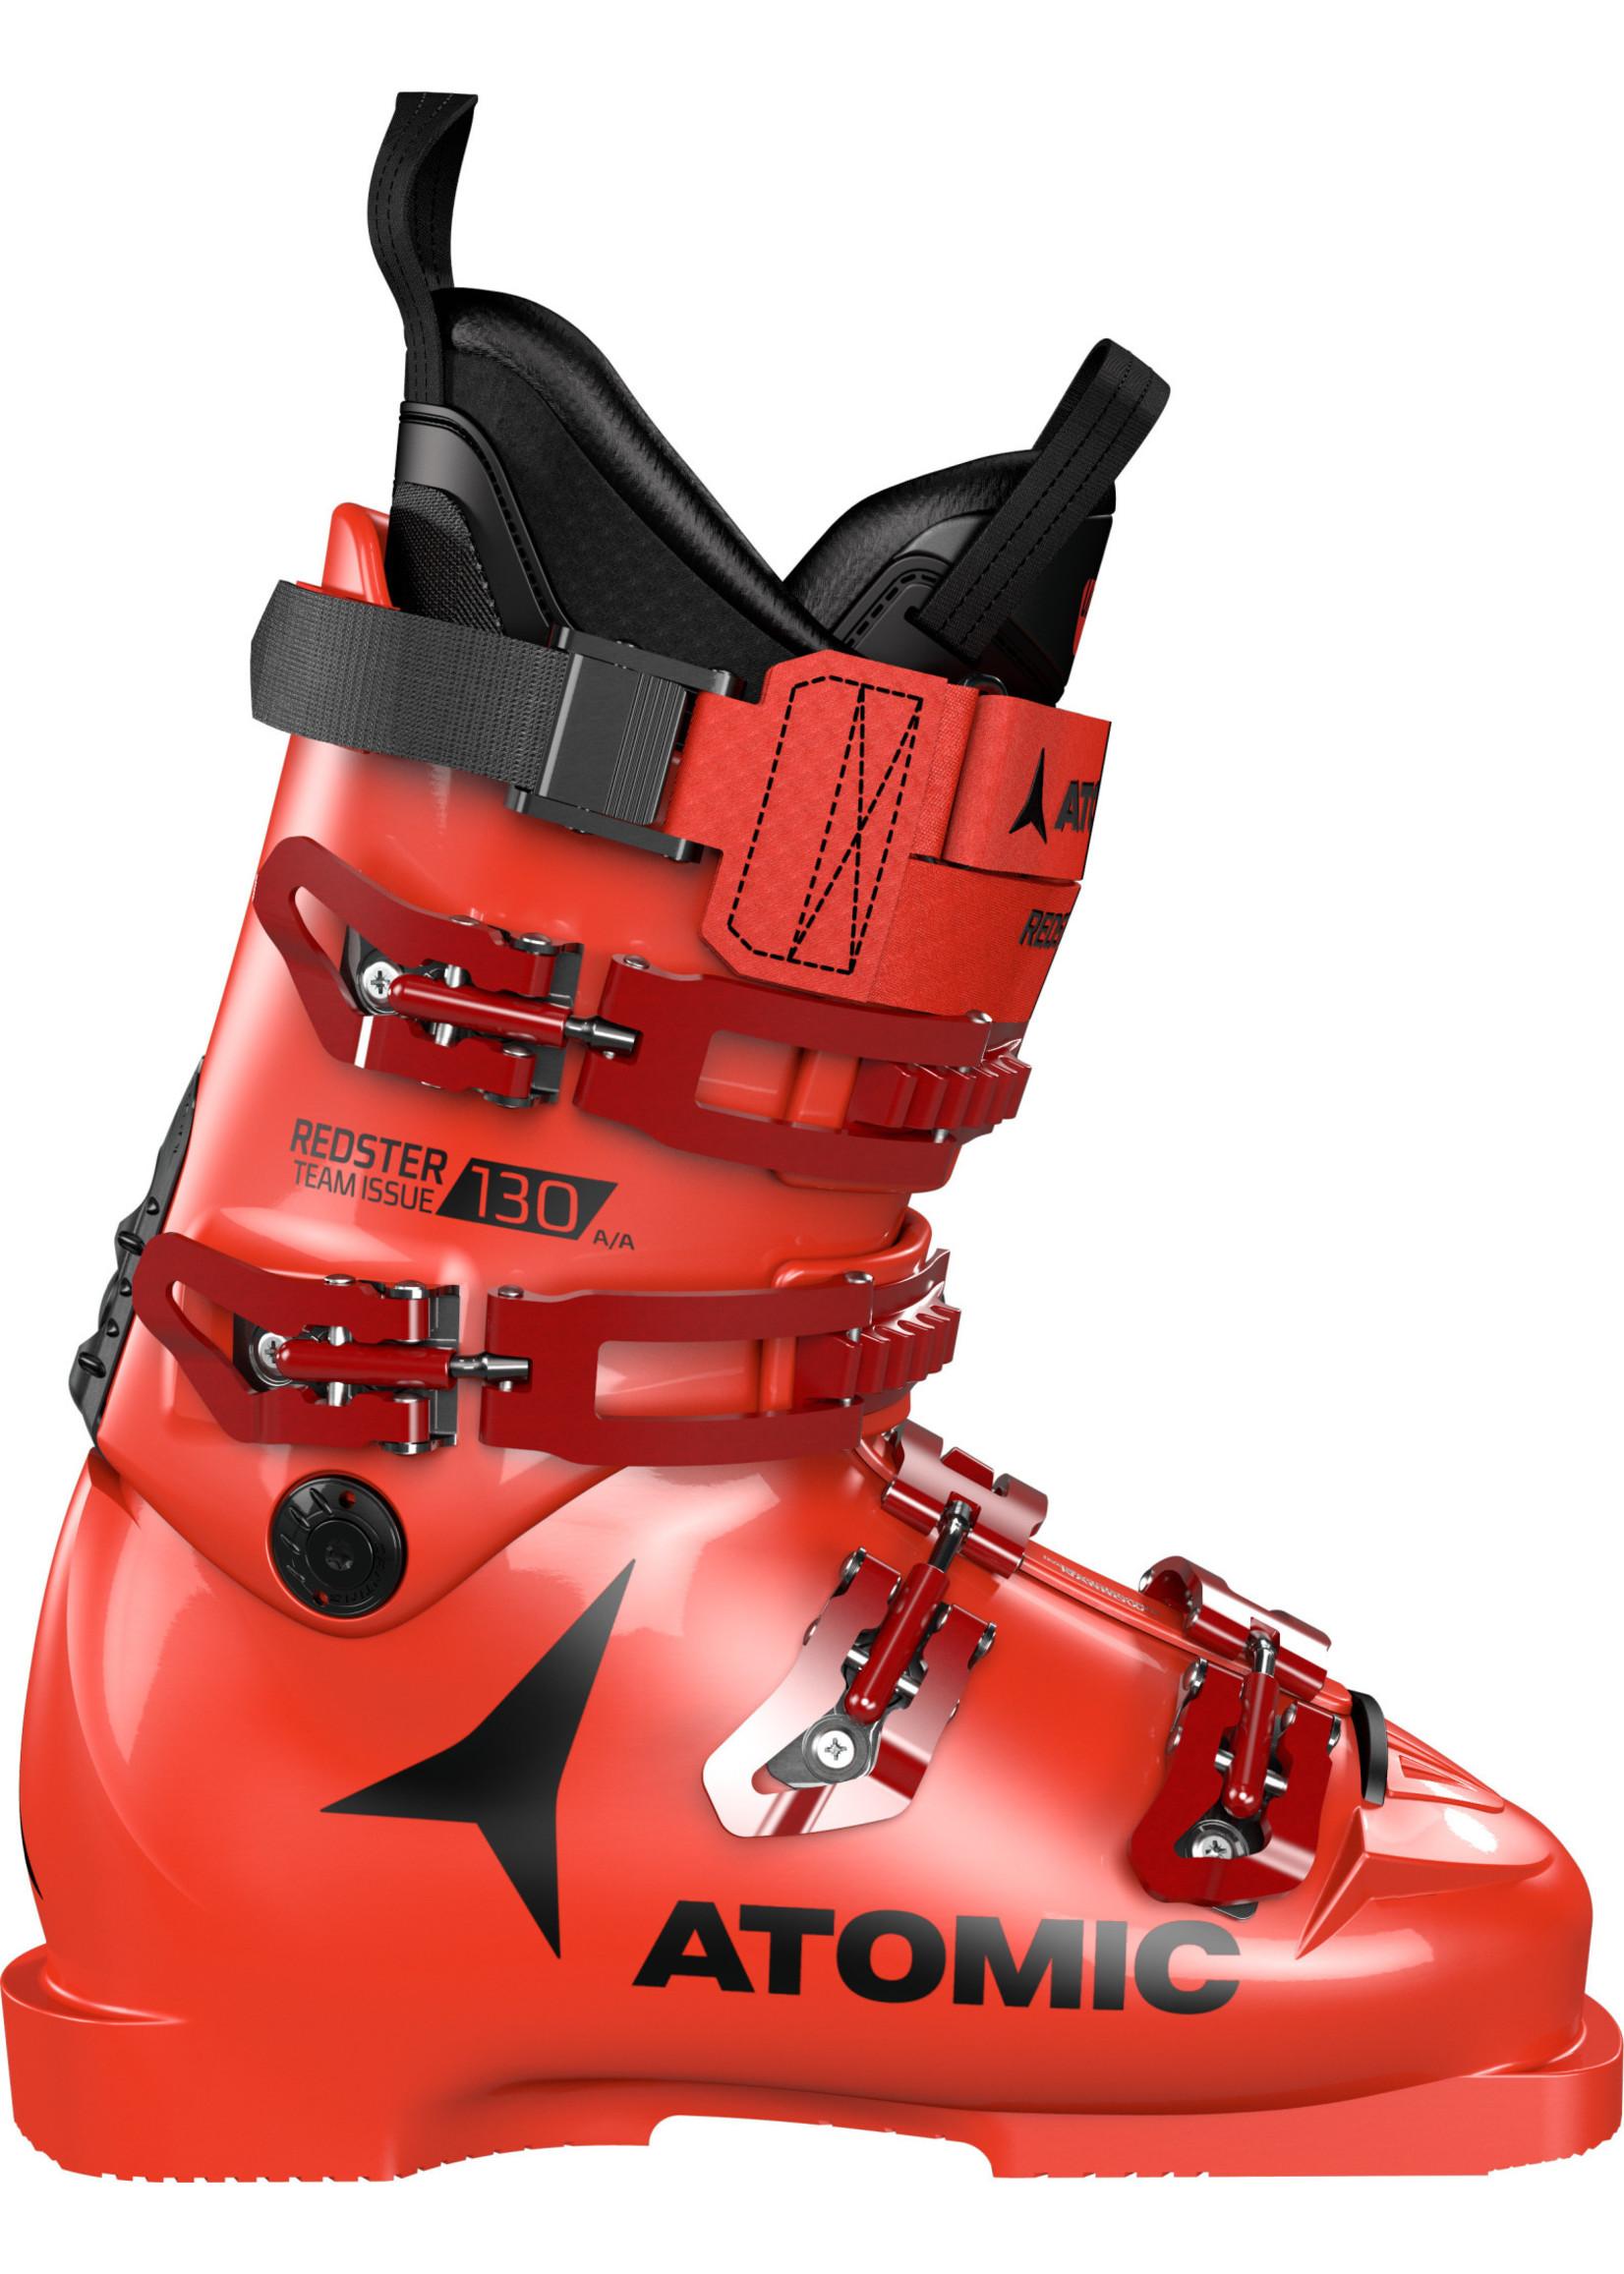 Atomic RED Ti130